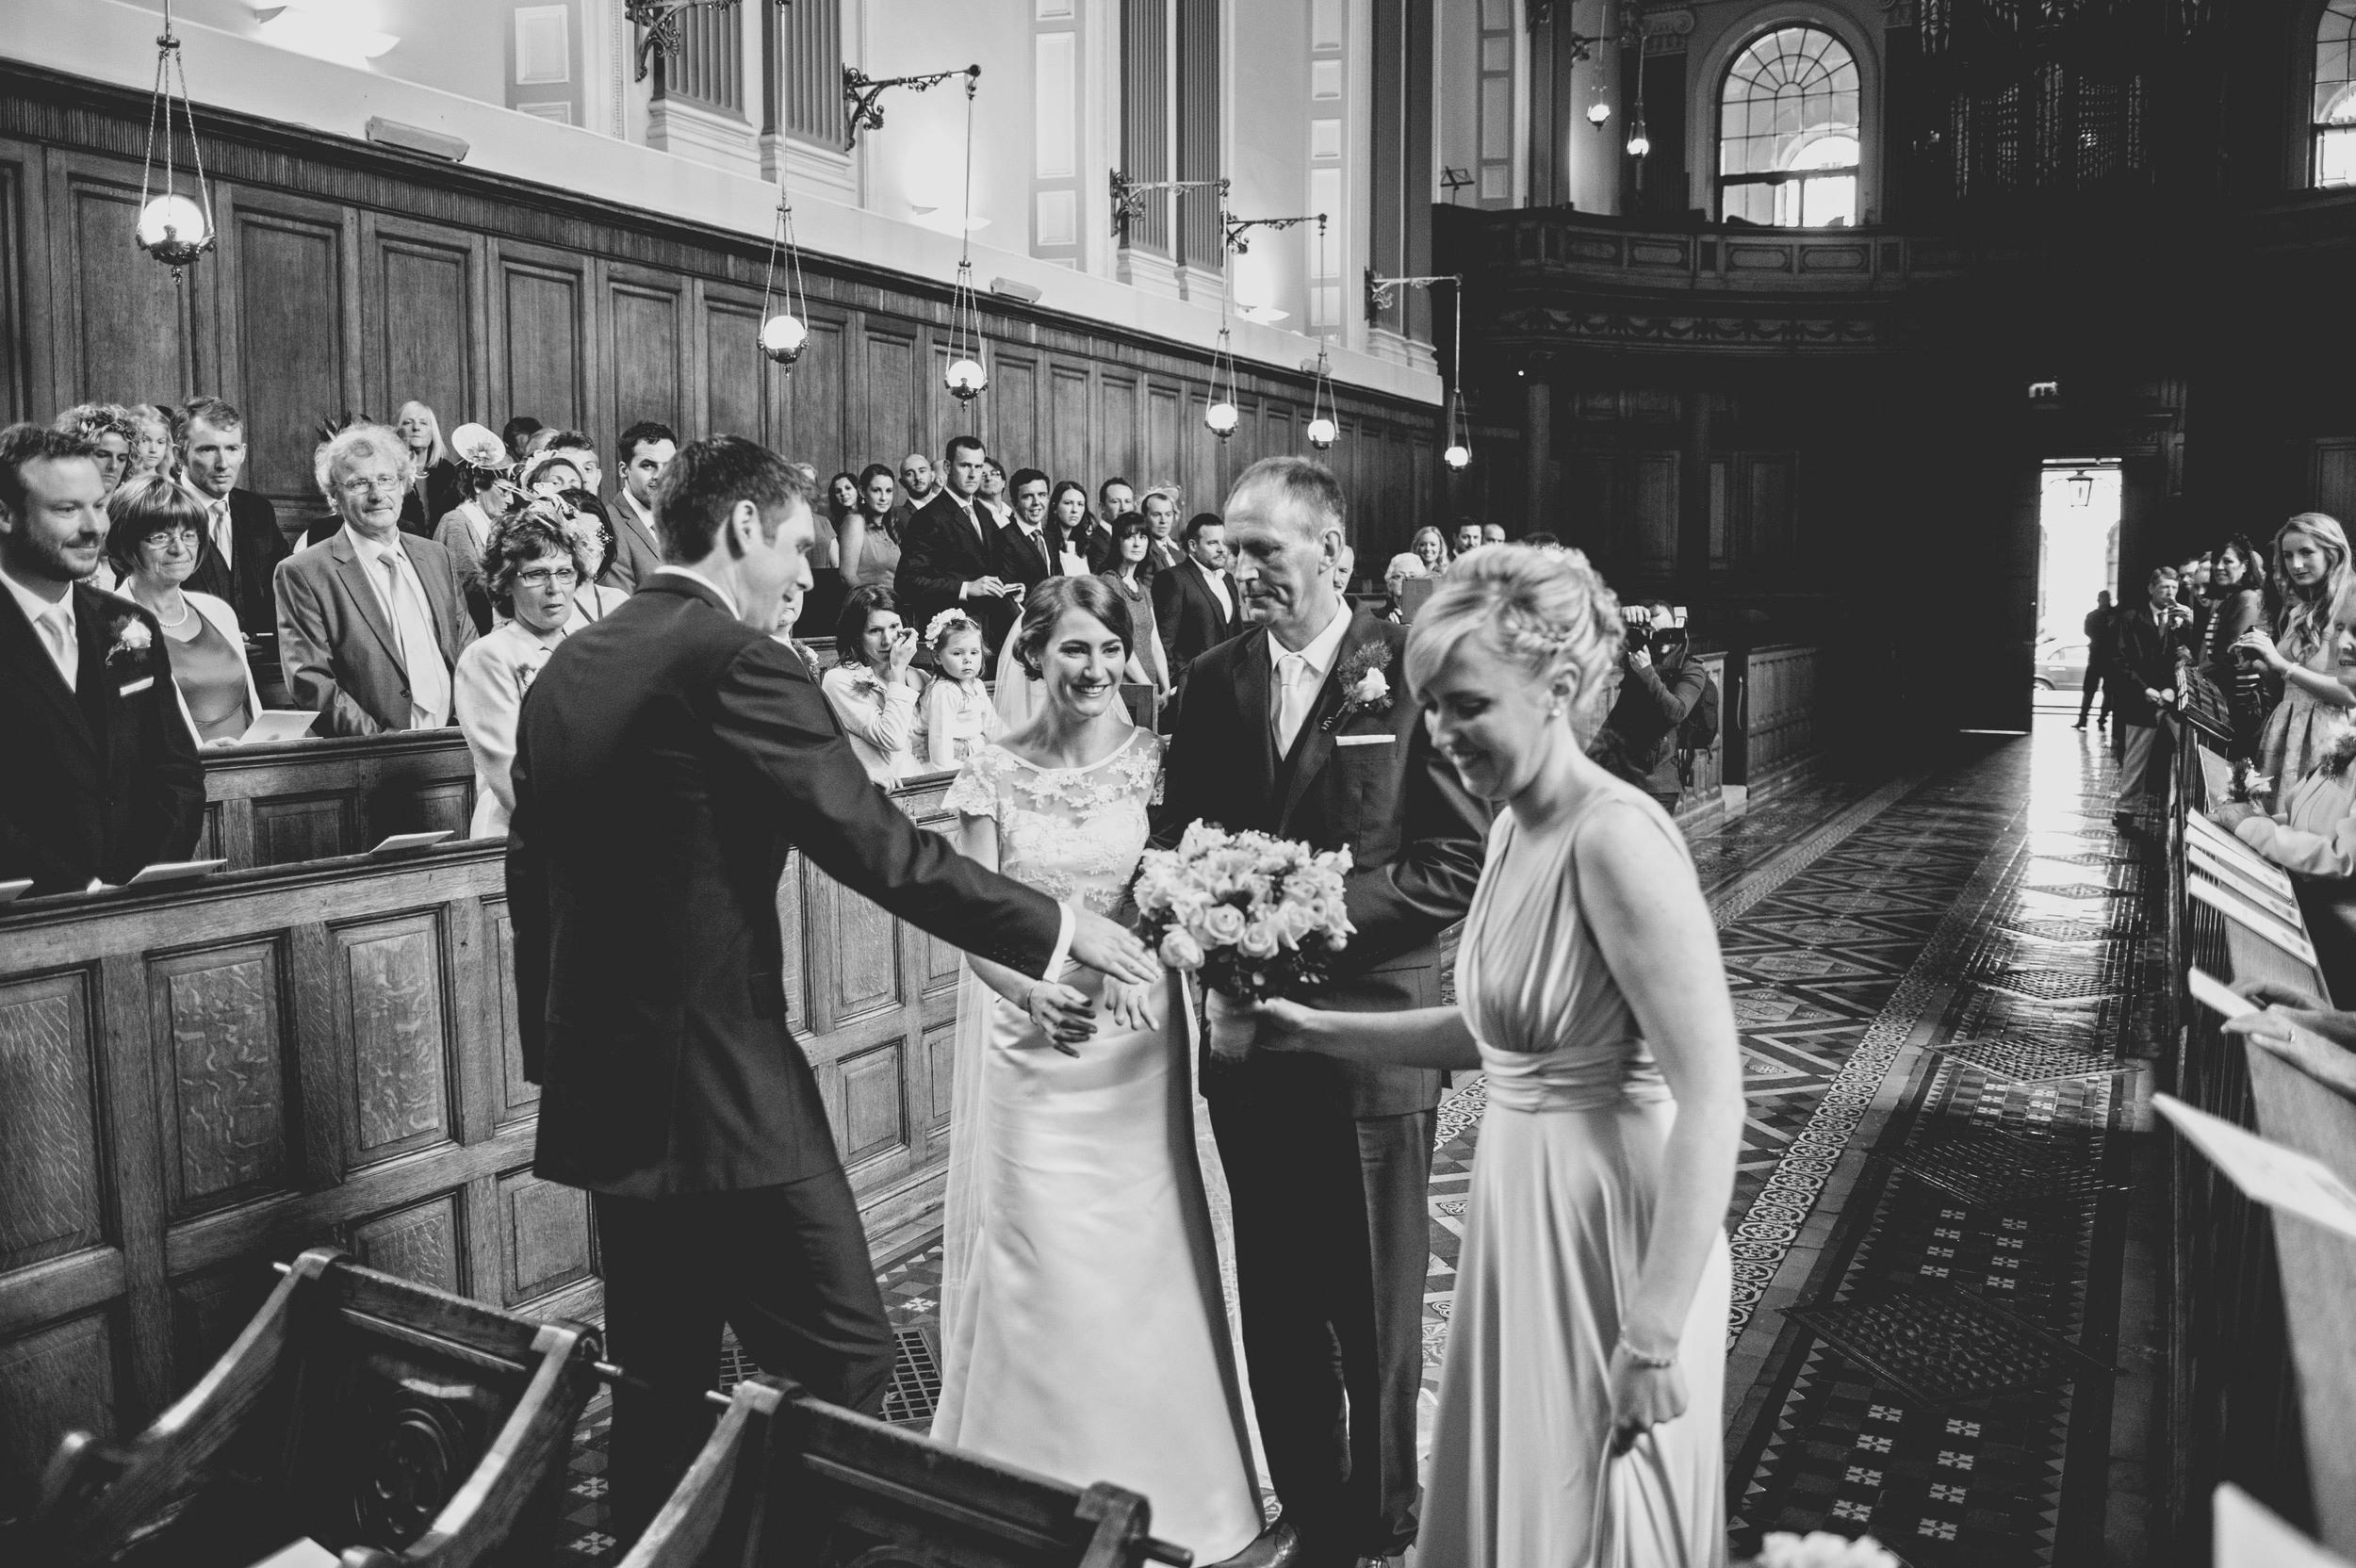 Wedding service at Trinity Chapel Dublin